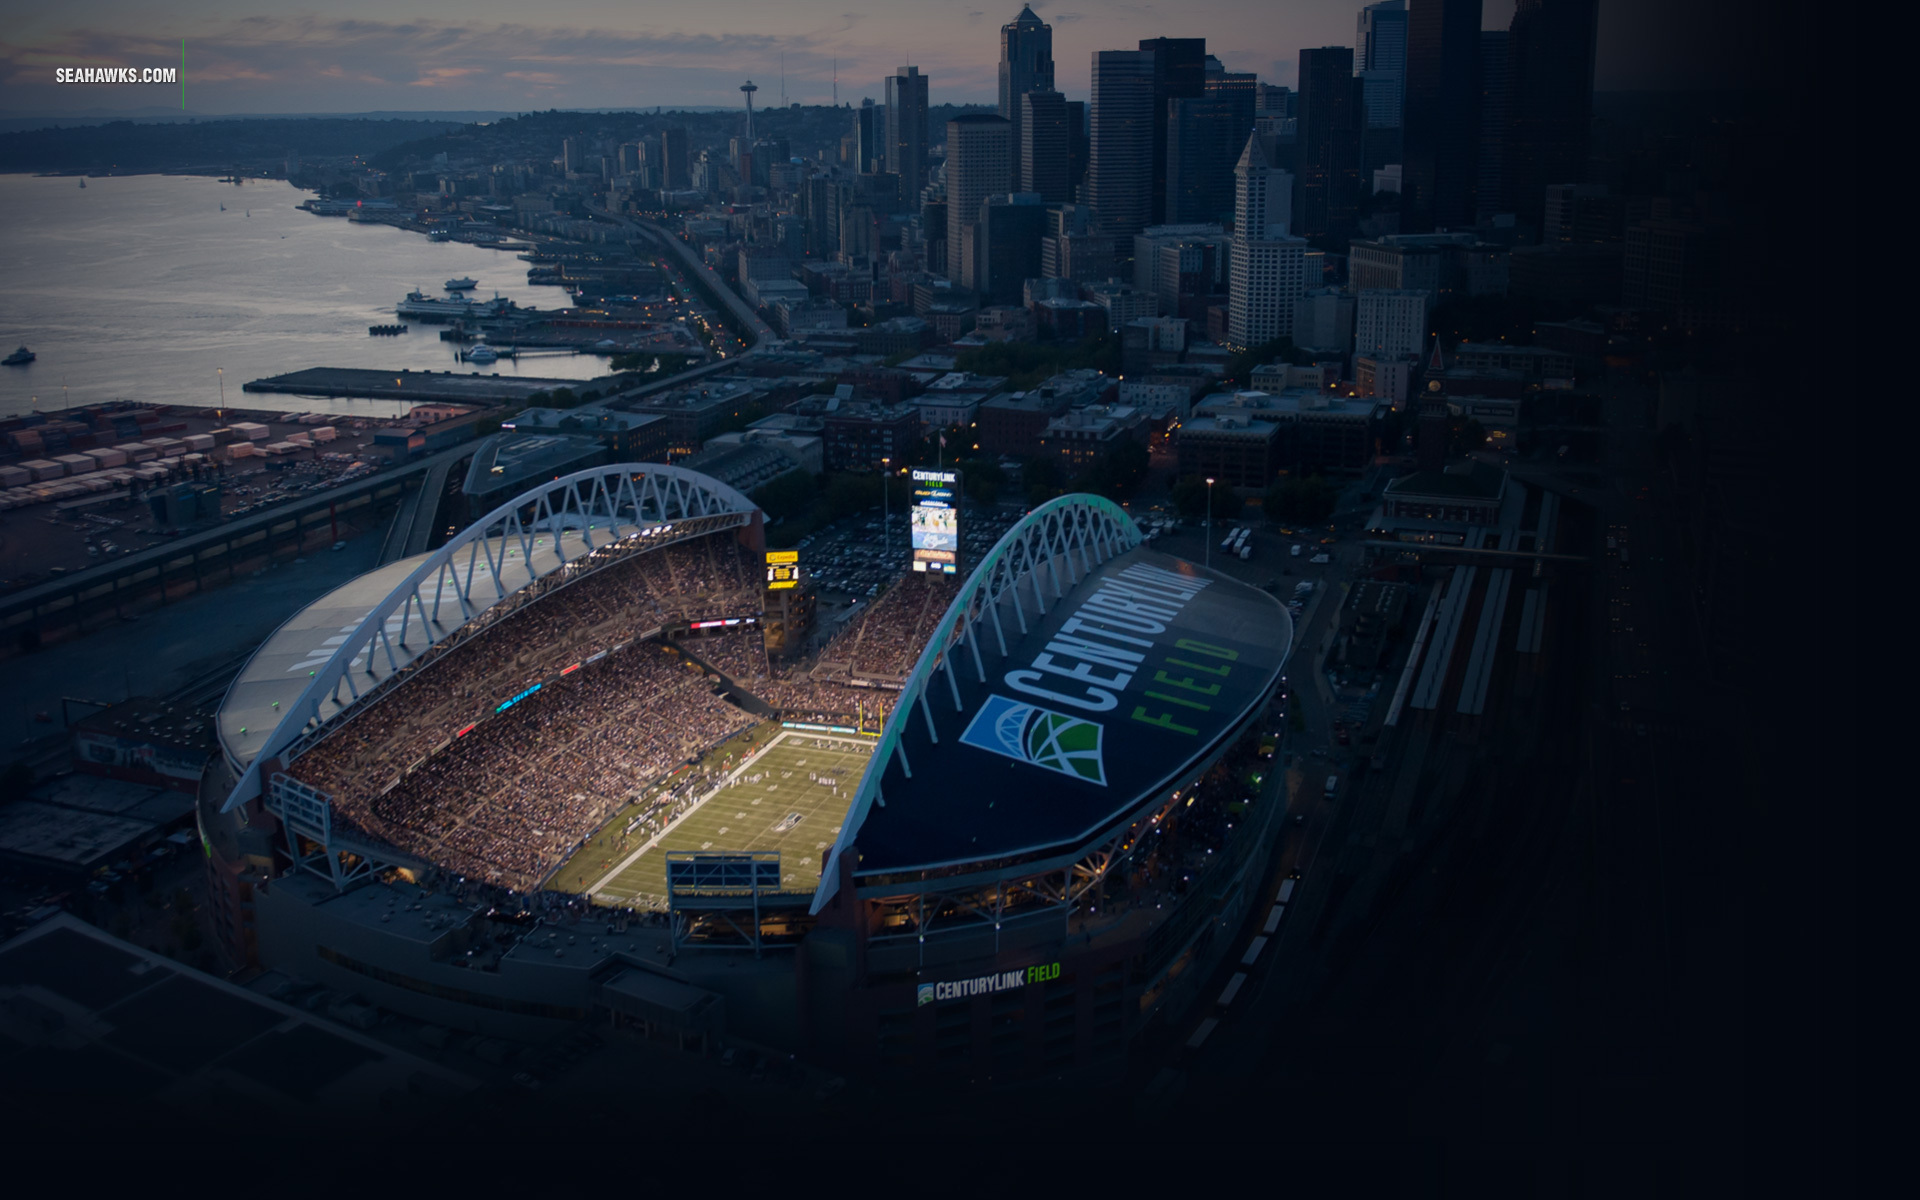 Seattle Seahawks Stadium HD Desktop Wallpaper HD Desktop Wallpaper 1920x1200